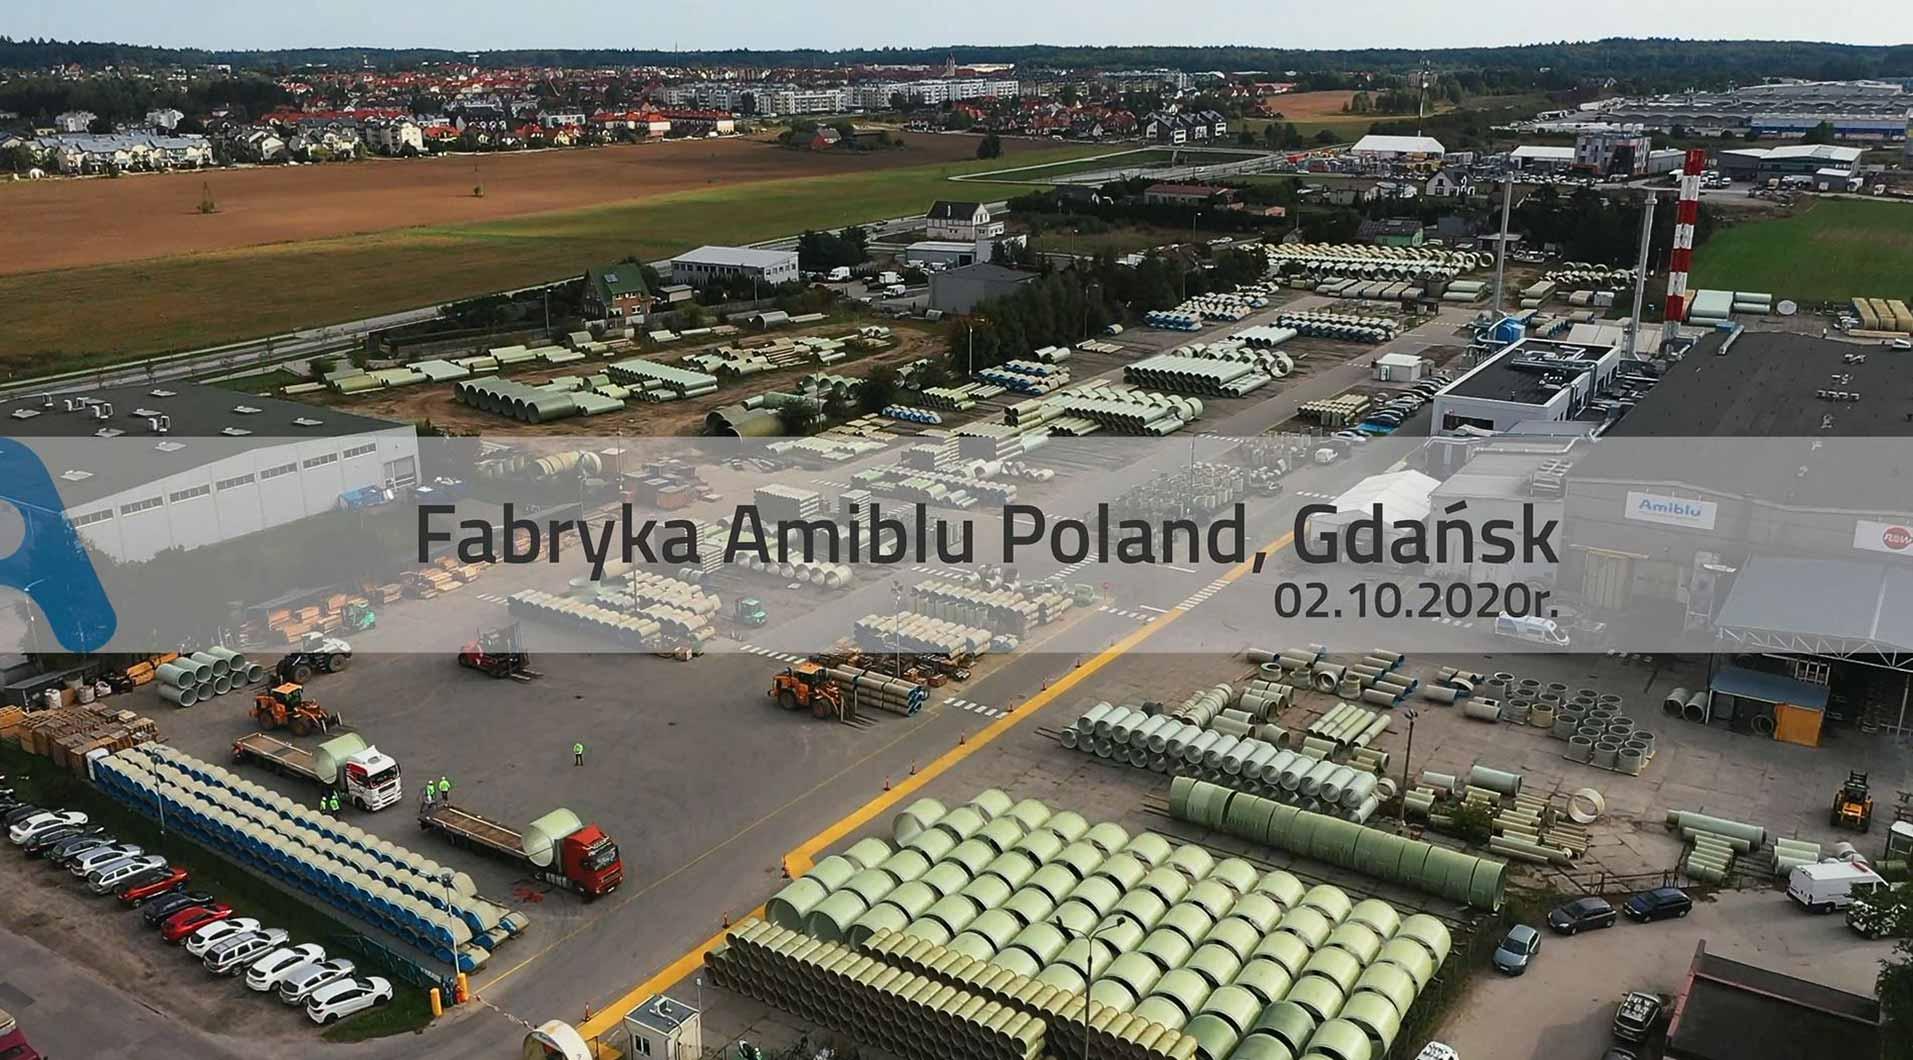 Witamy w fabryce Amiblu Poland w Gdansku